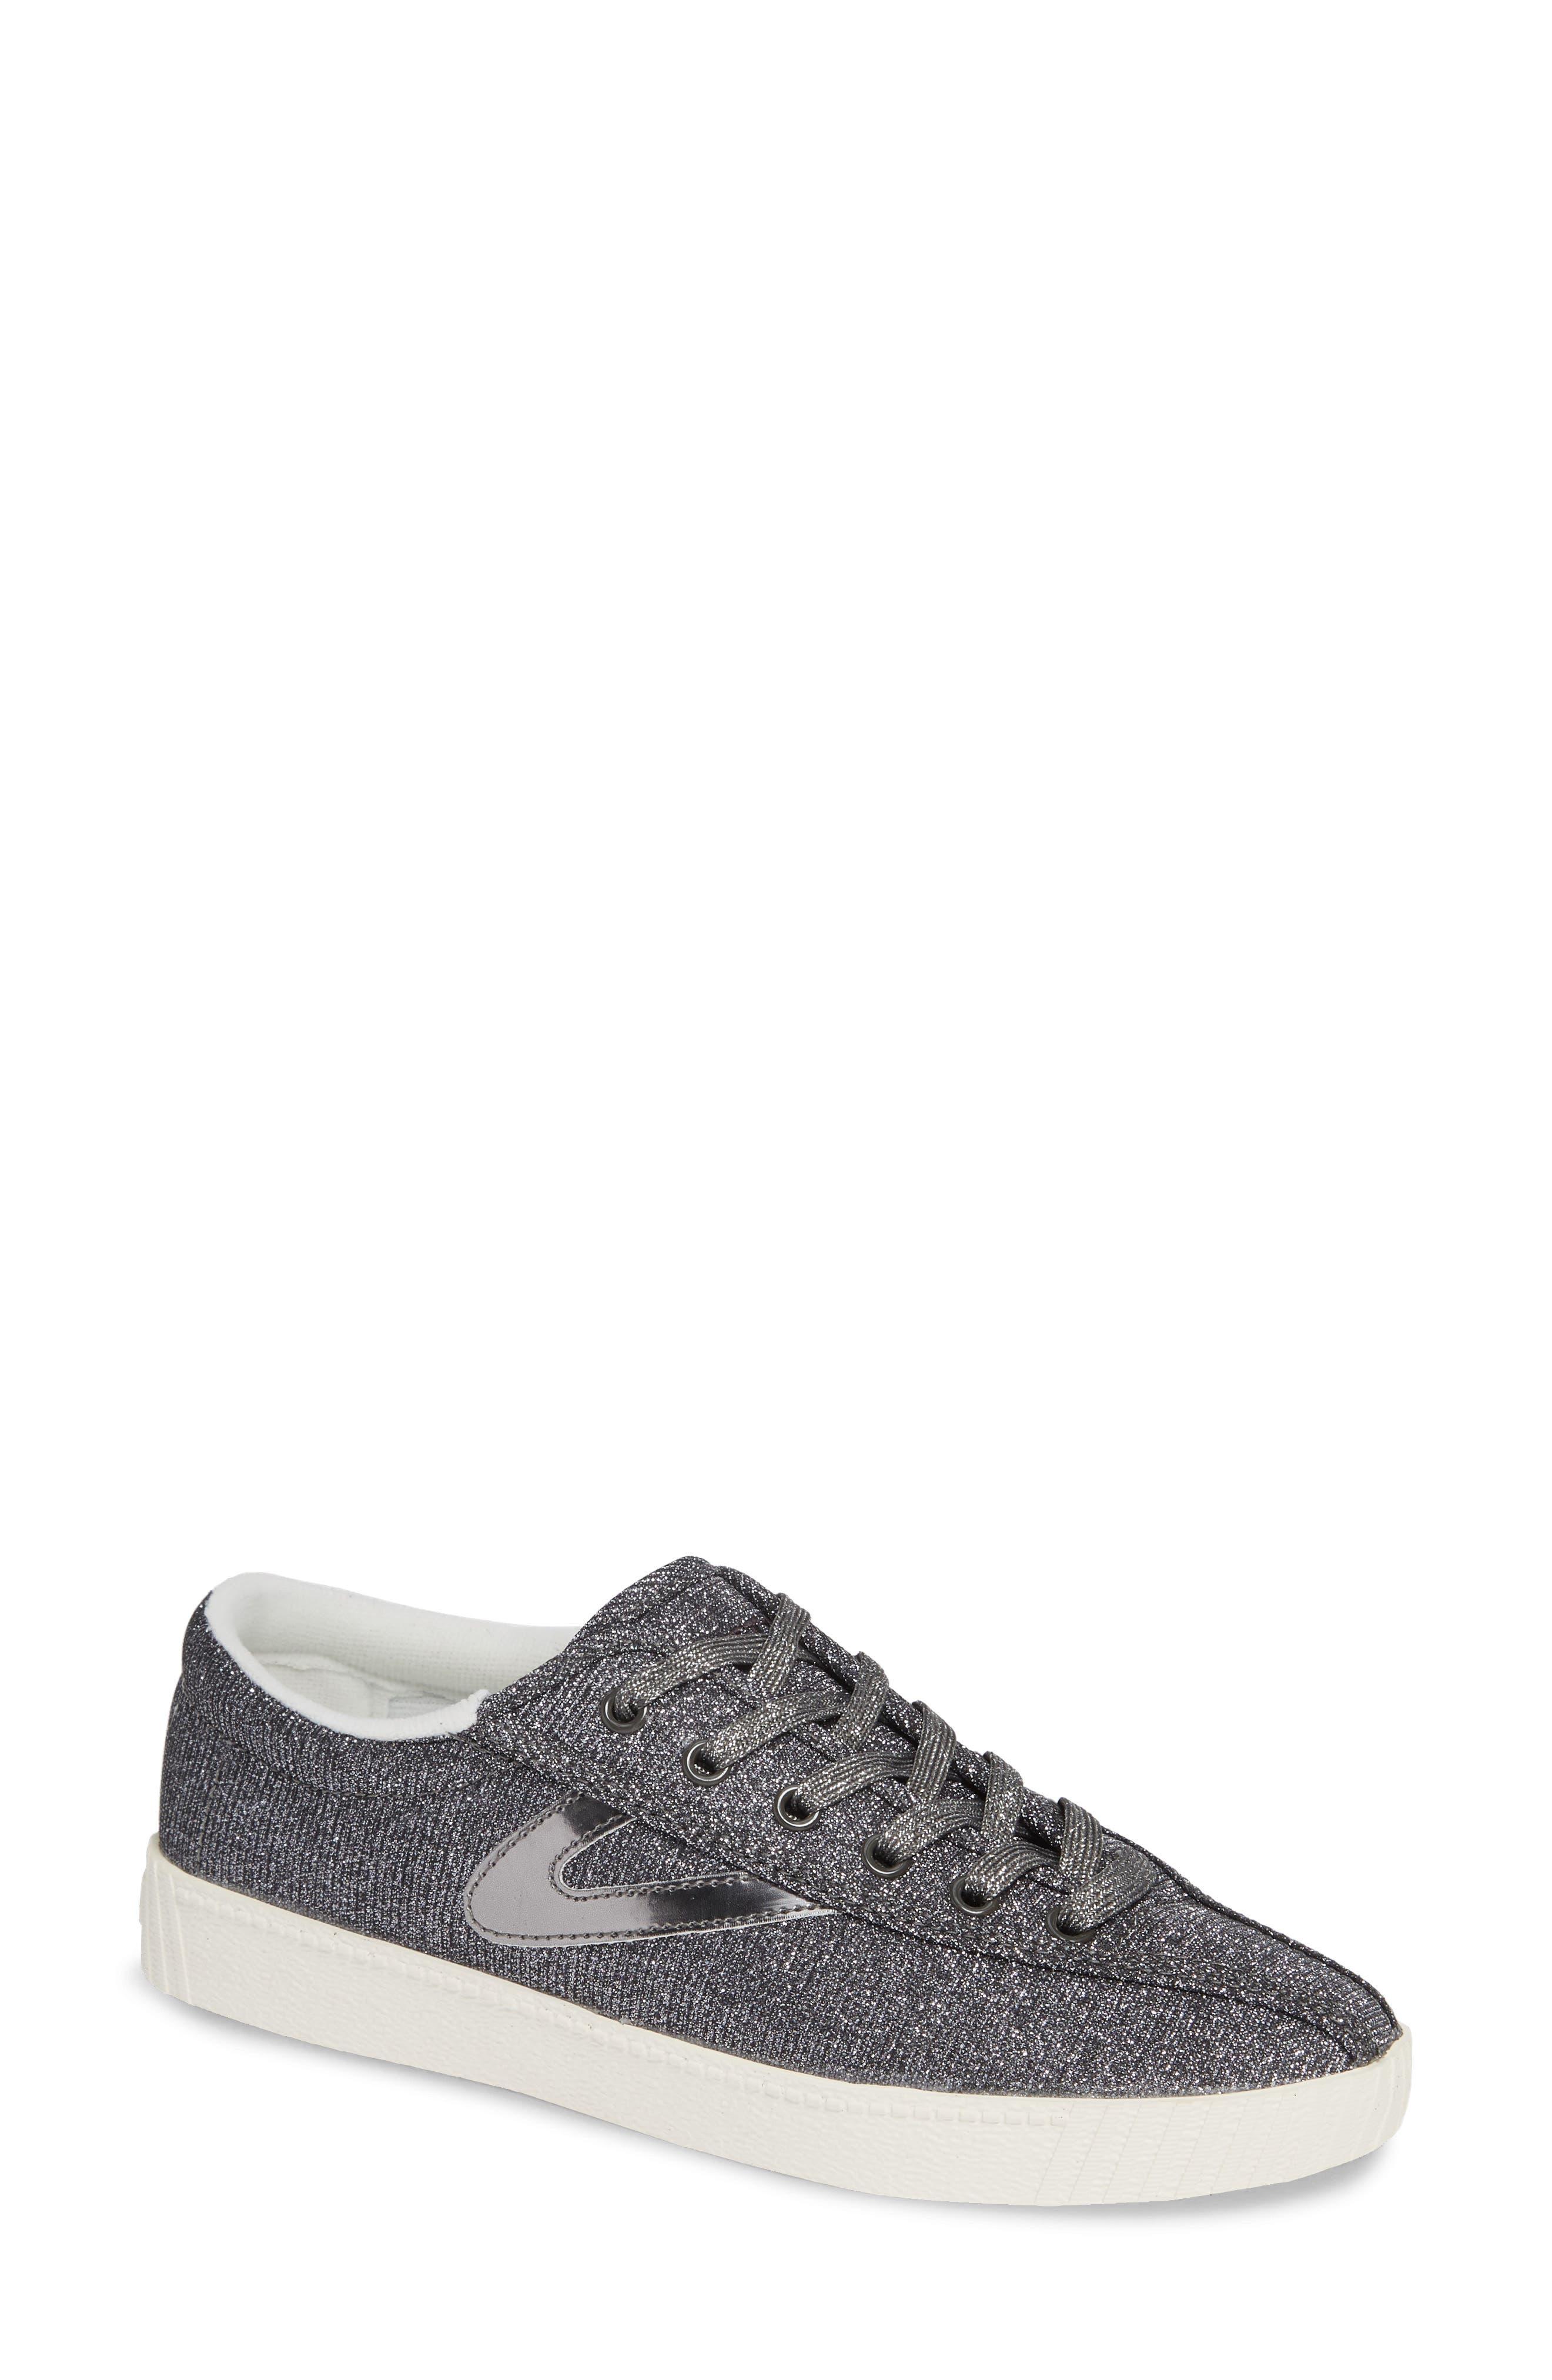 TRETORN,                             'Nylite' Sneaker,                             Main thumbnail 1, color,                             022